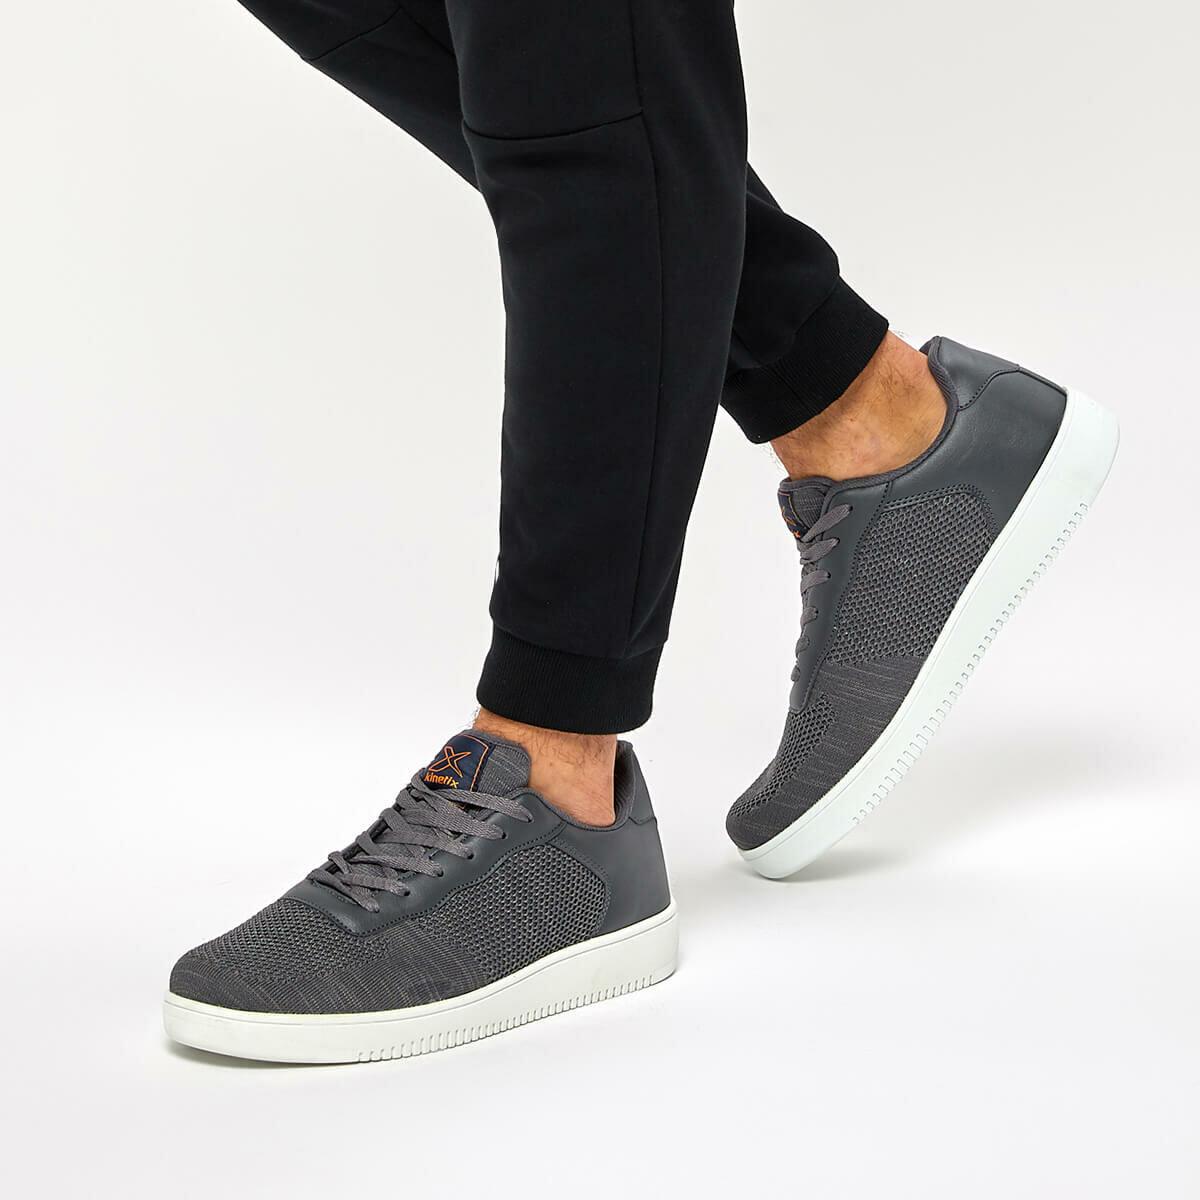 FLO PIN M Gray Men 'S Sneaker Shoes KINETIX